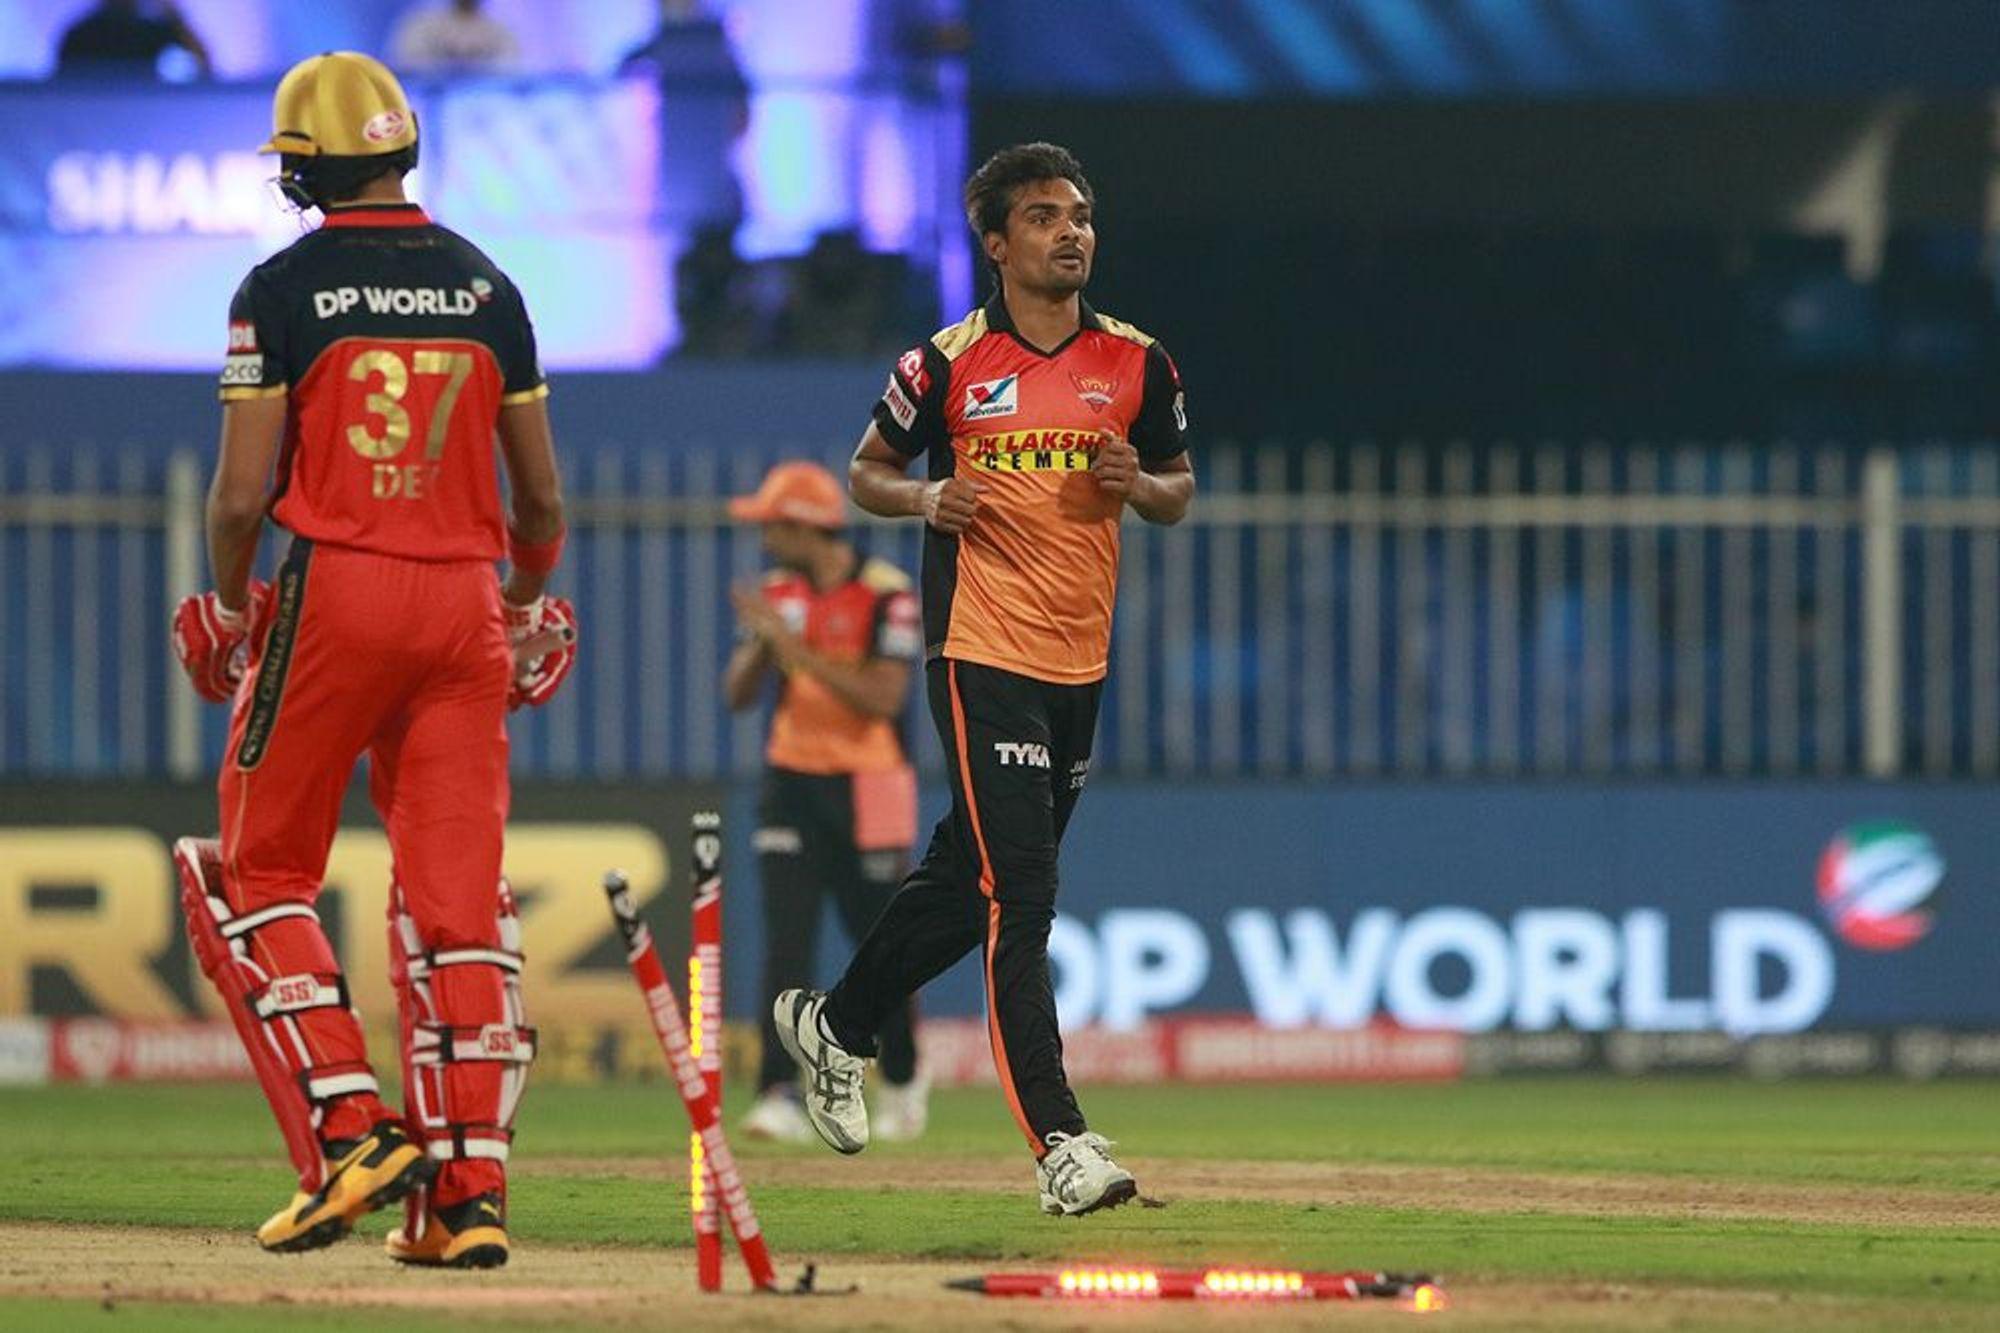 हैदराबाद के तेज गेंदबाज संदीप शर्मा ने देवदत्त पडिक्कल को बोल्ड किया। उन्होंने 20 रन देकर 2 विकेट लिए।